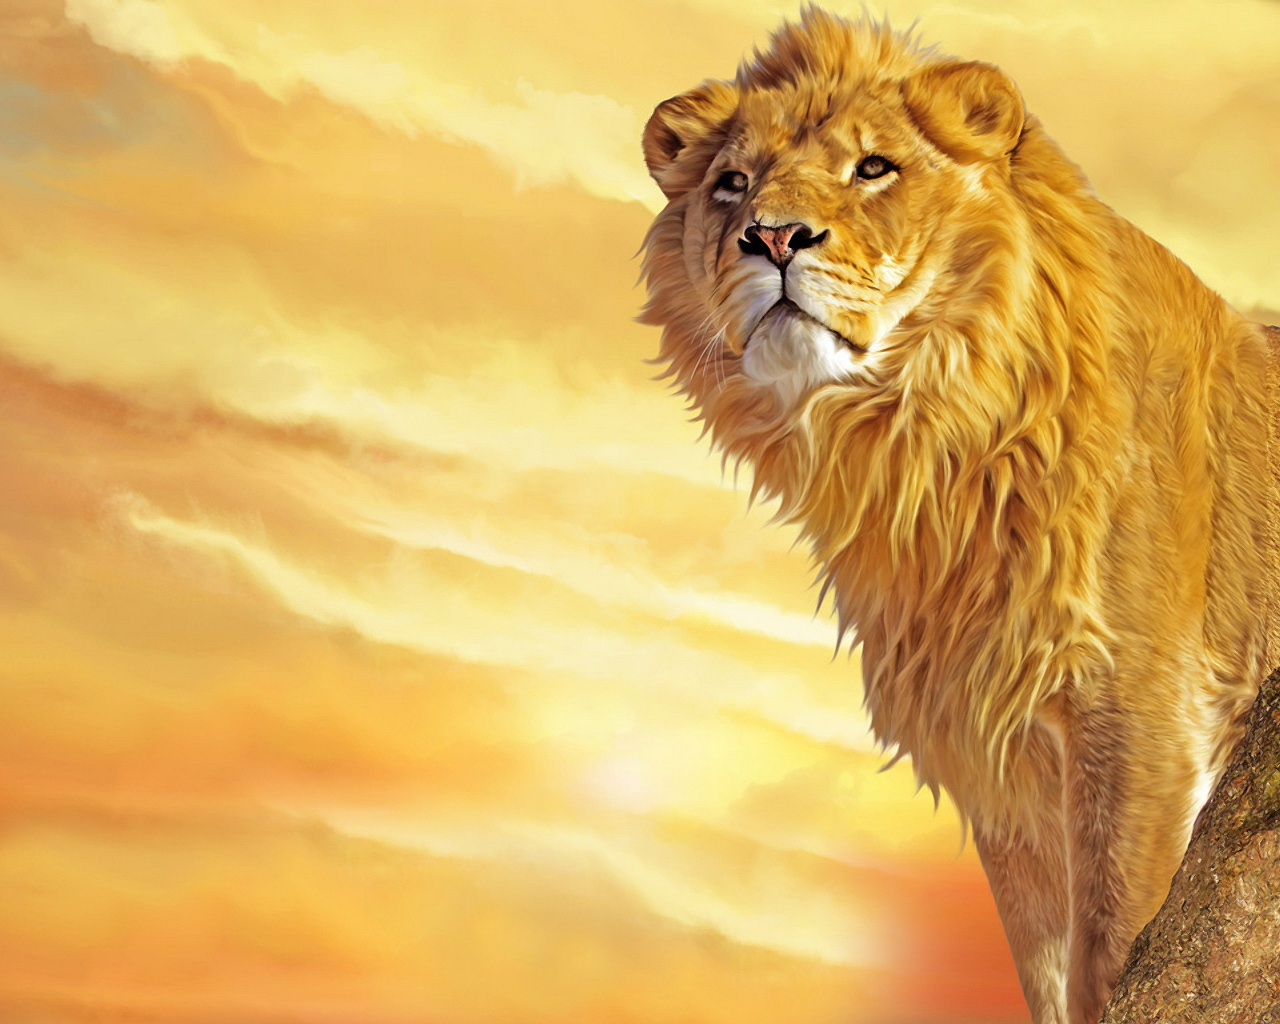 http://1.bp.blogspot.com/-trWl8sx-_MI/UEirp5UsnvI/AAAAAAAAAfs/beWGvbZwAso/s1600/lion-wallpaper-1.jpg